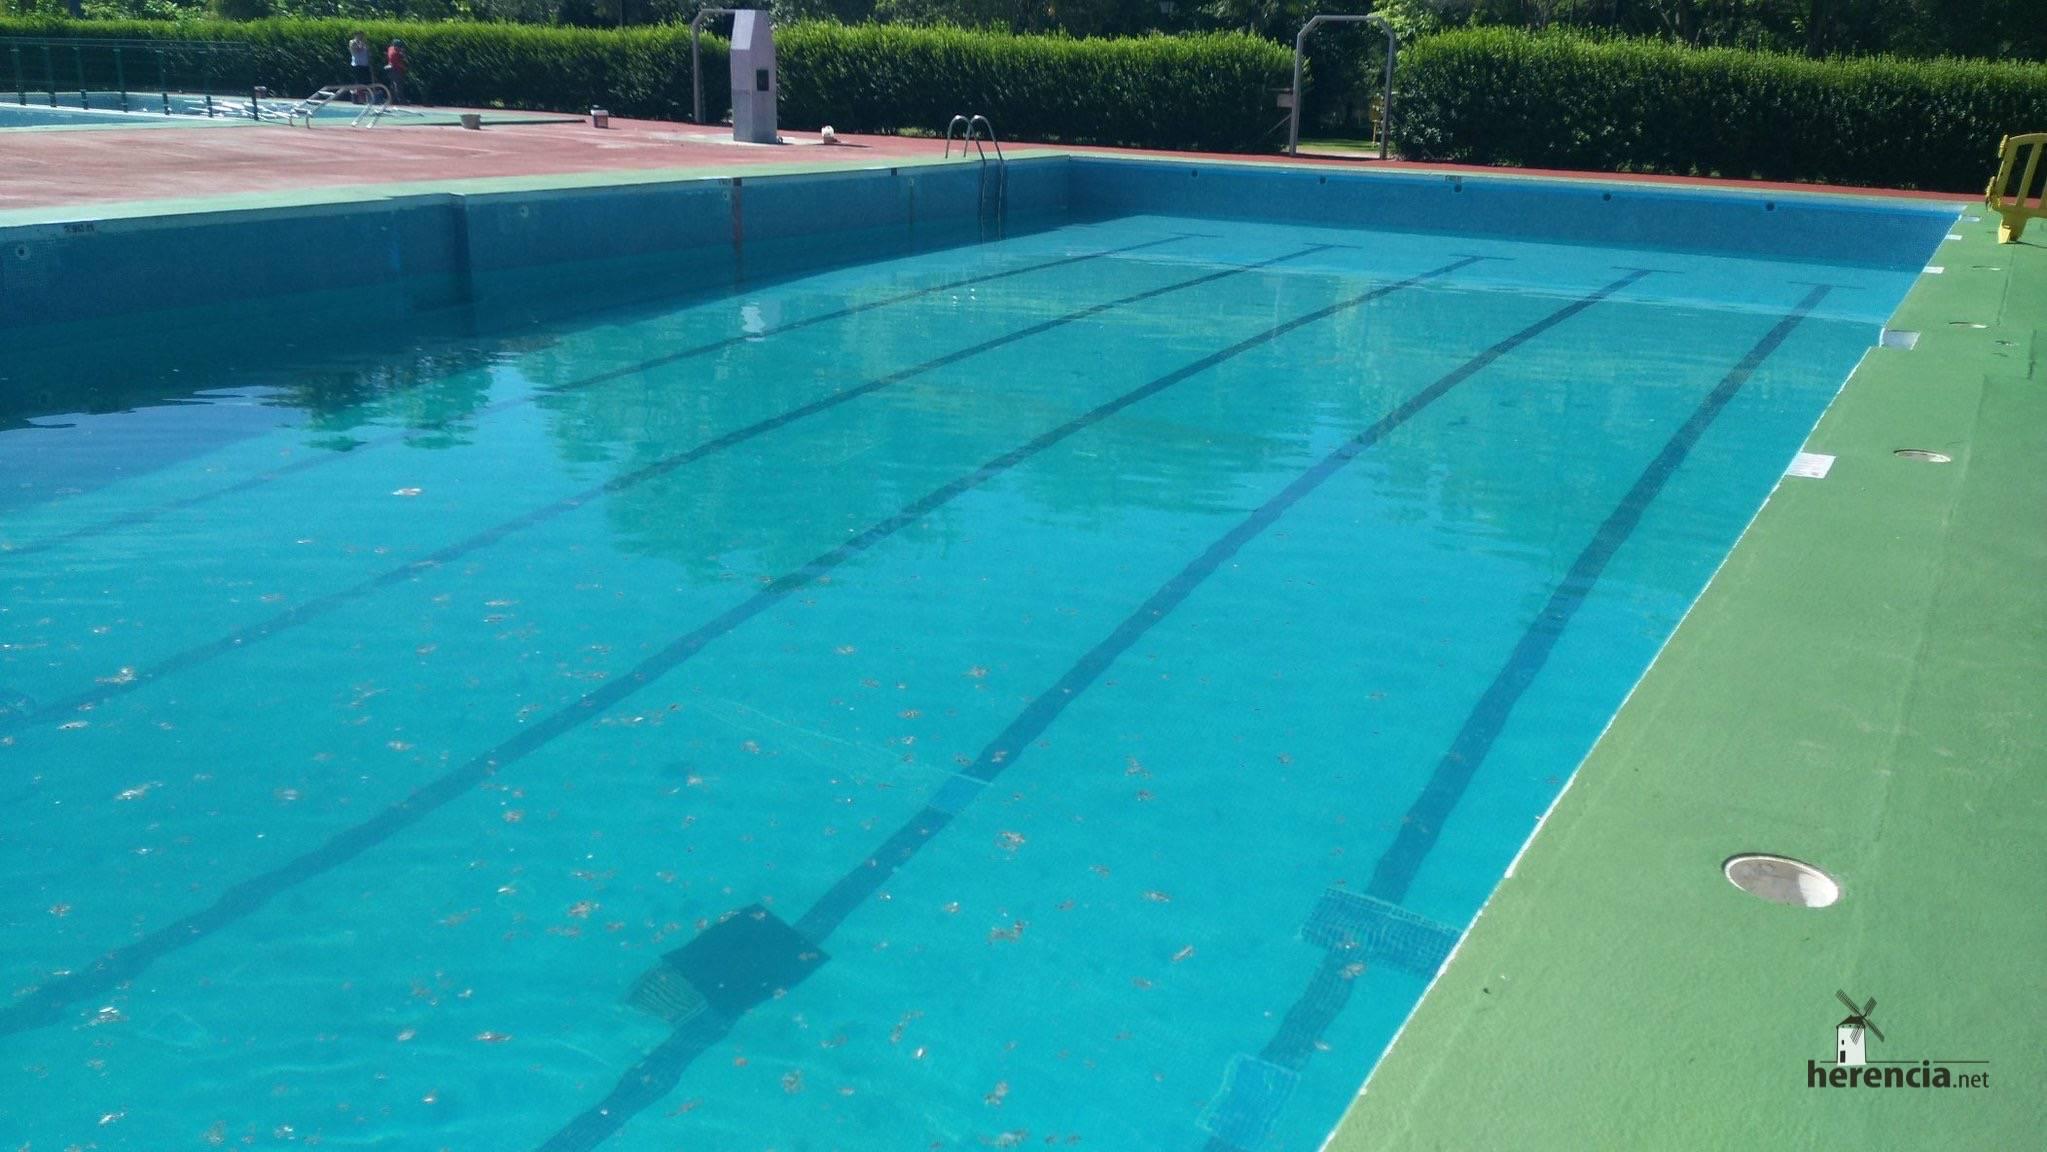 piscina municial preparada para 2016 en Herencia 2 - Piscina Municipal llena y pista de balonmano playa lista